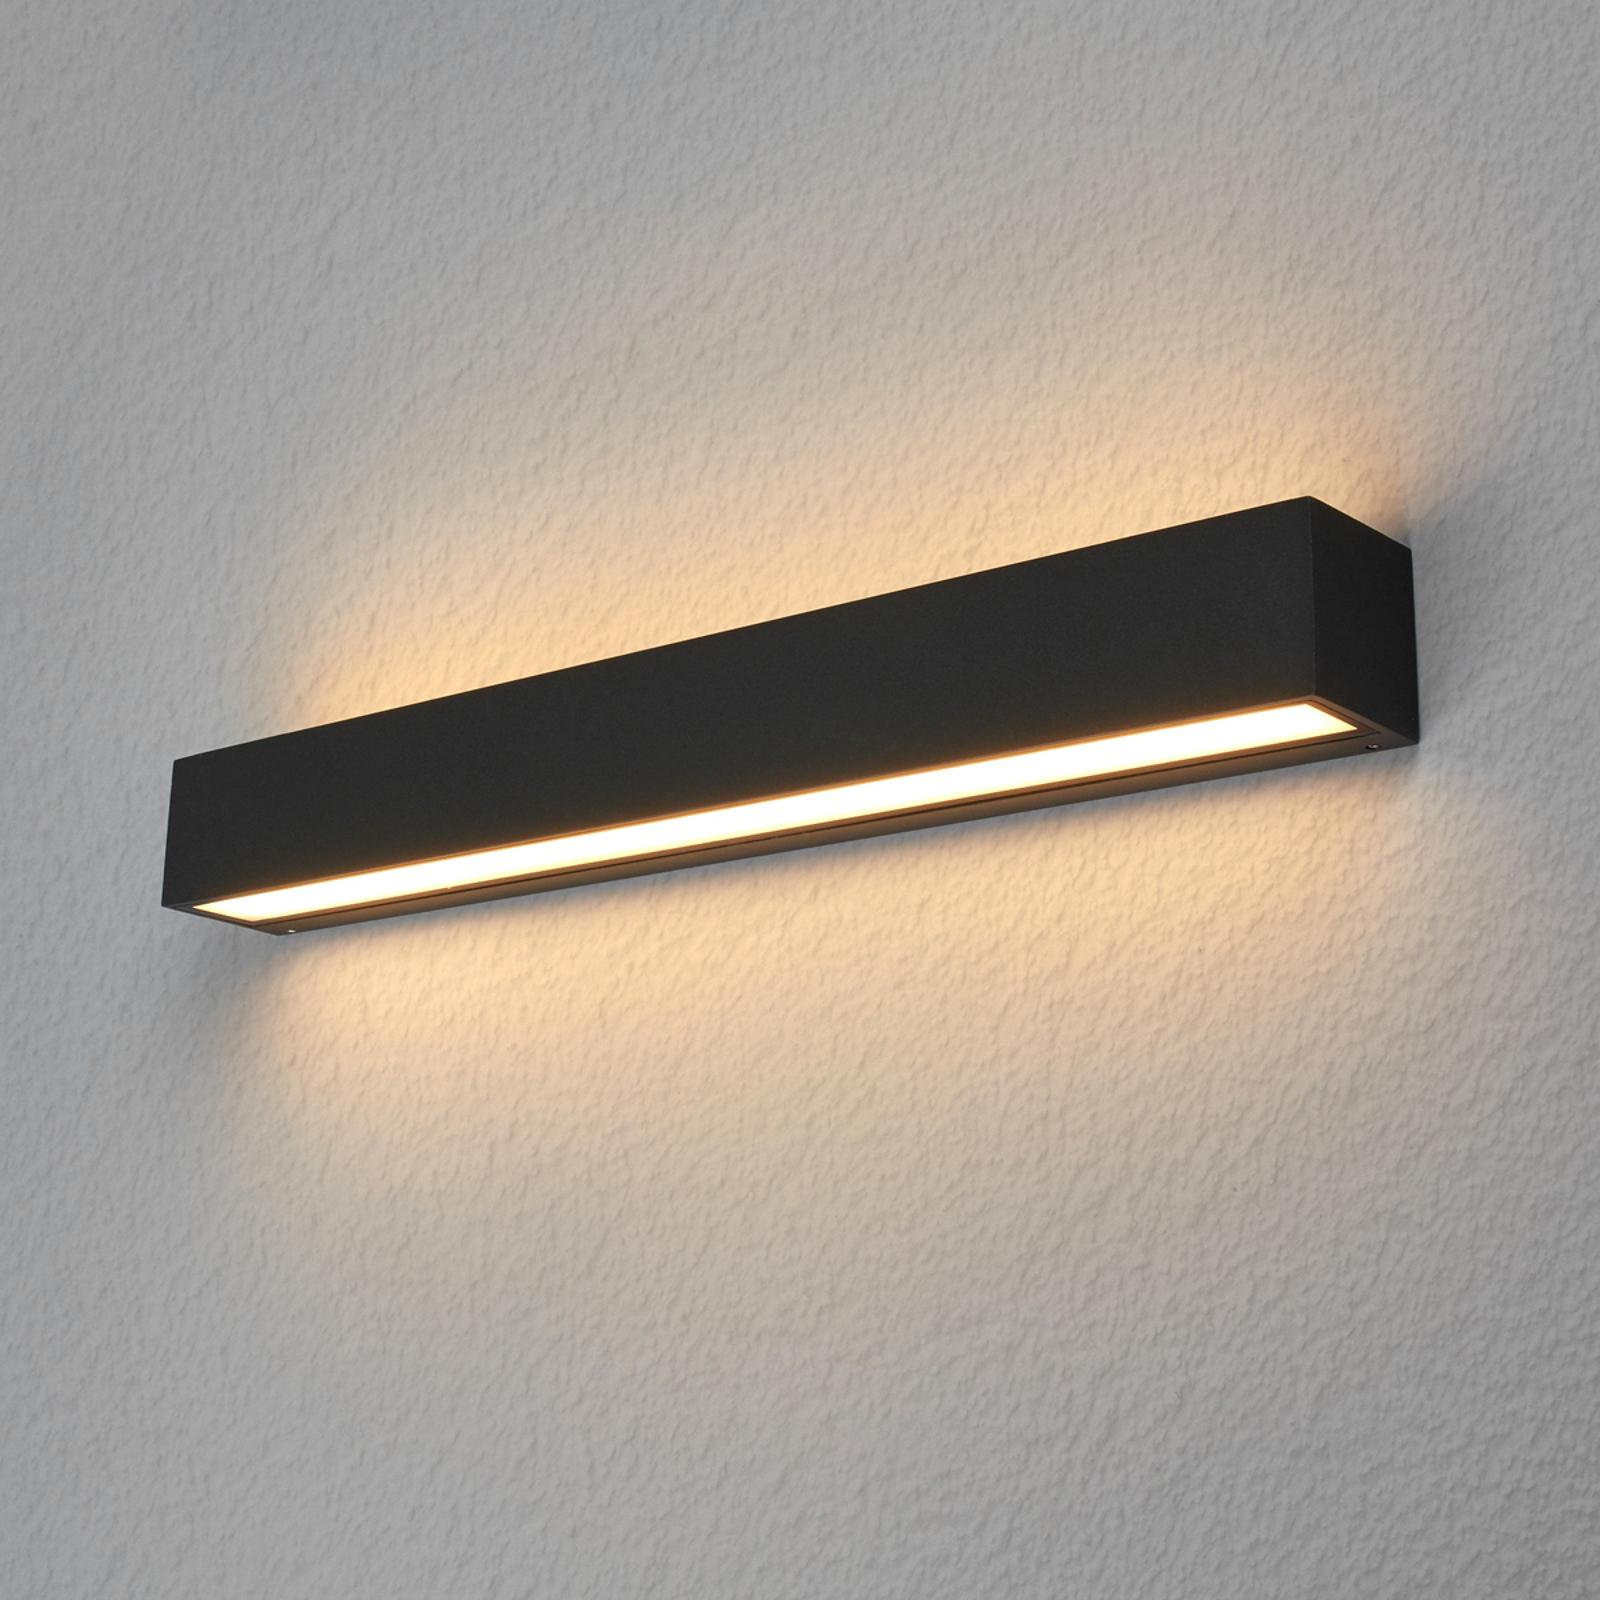 Lucande Lengo aplique LED, 50 cm, grafito, 2 luces